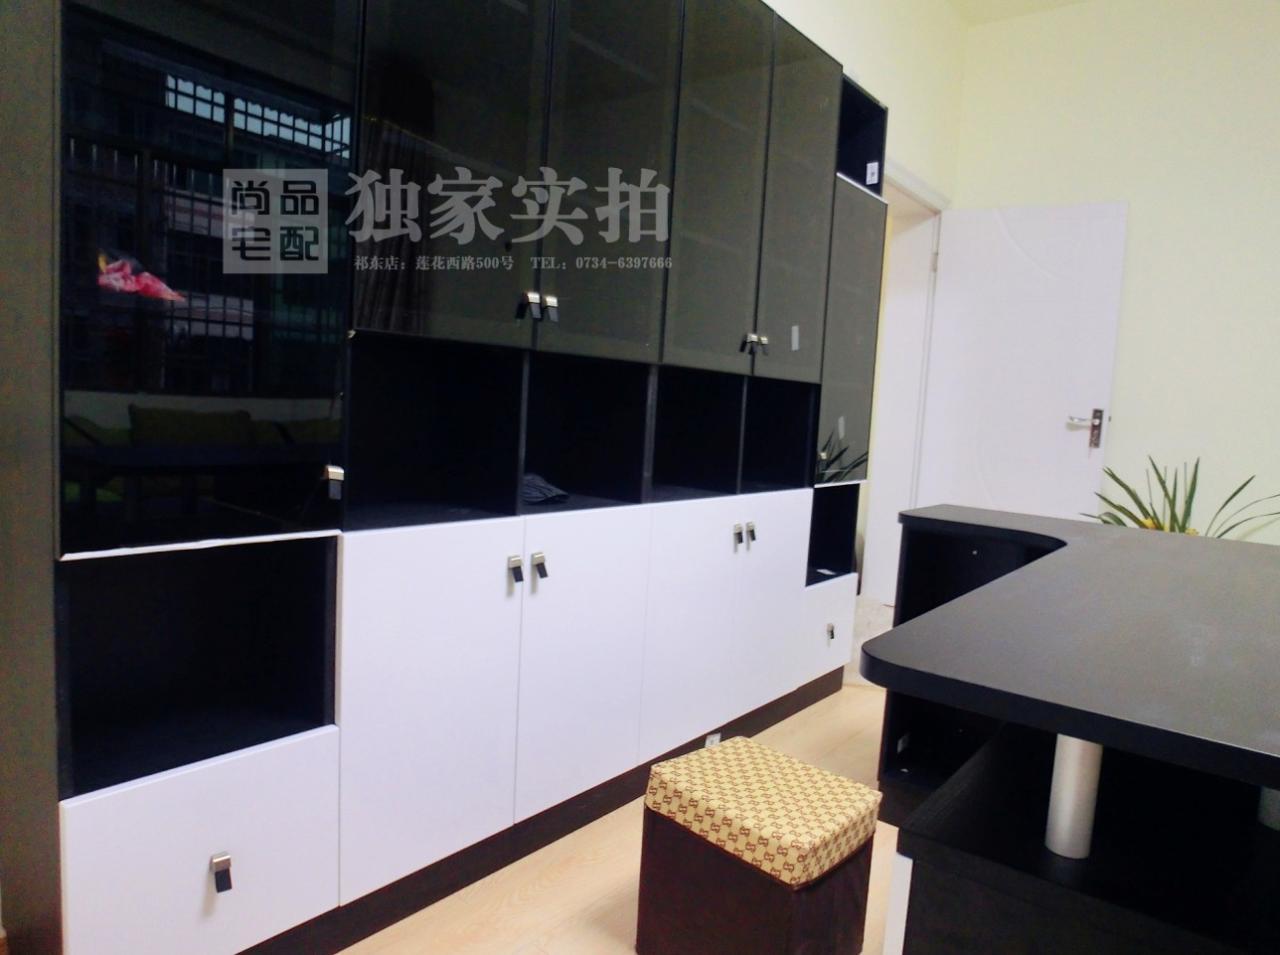 潇湘路谭小姐客卧衣柜+书房